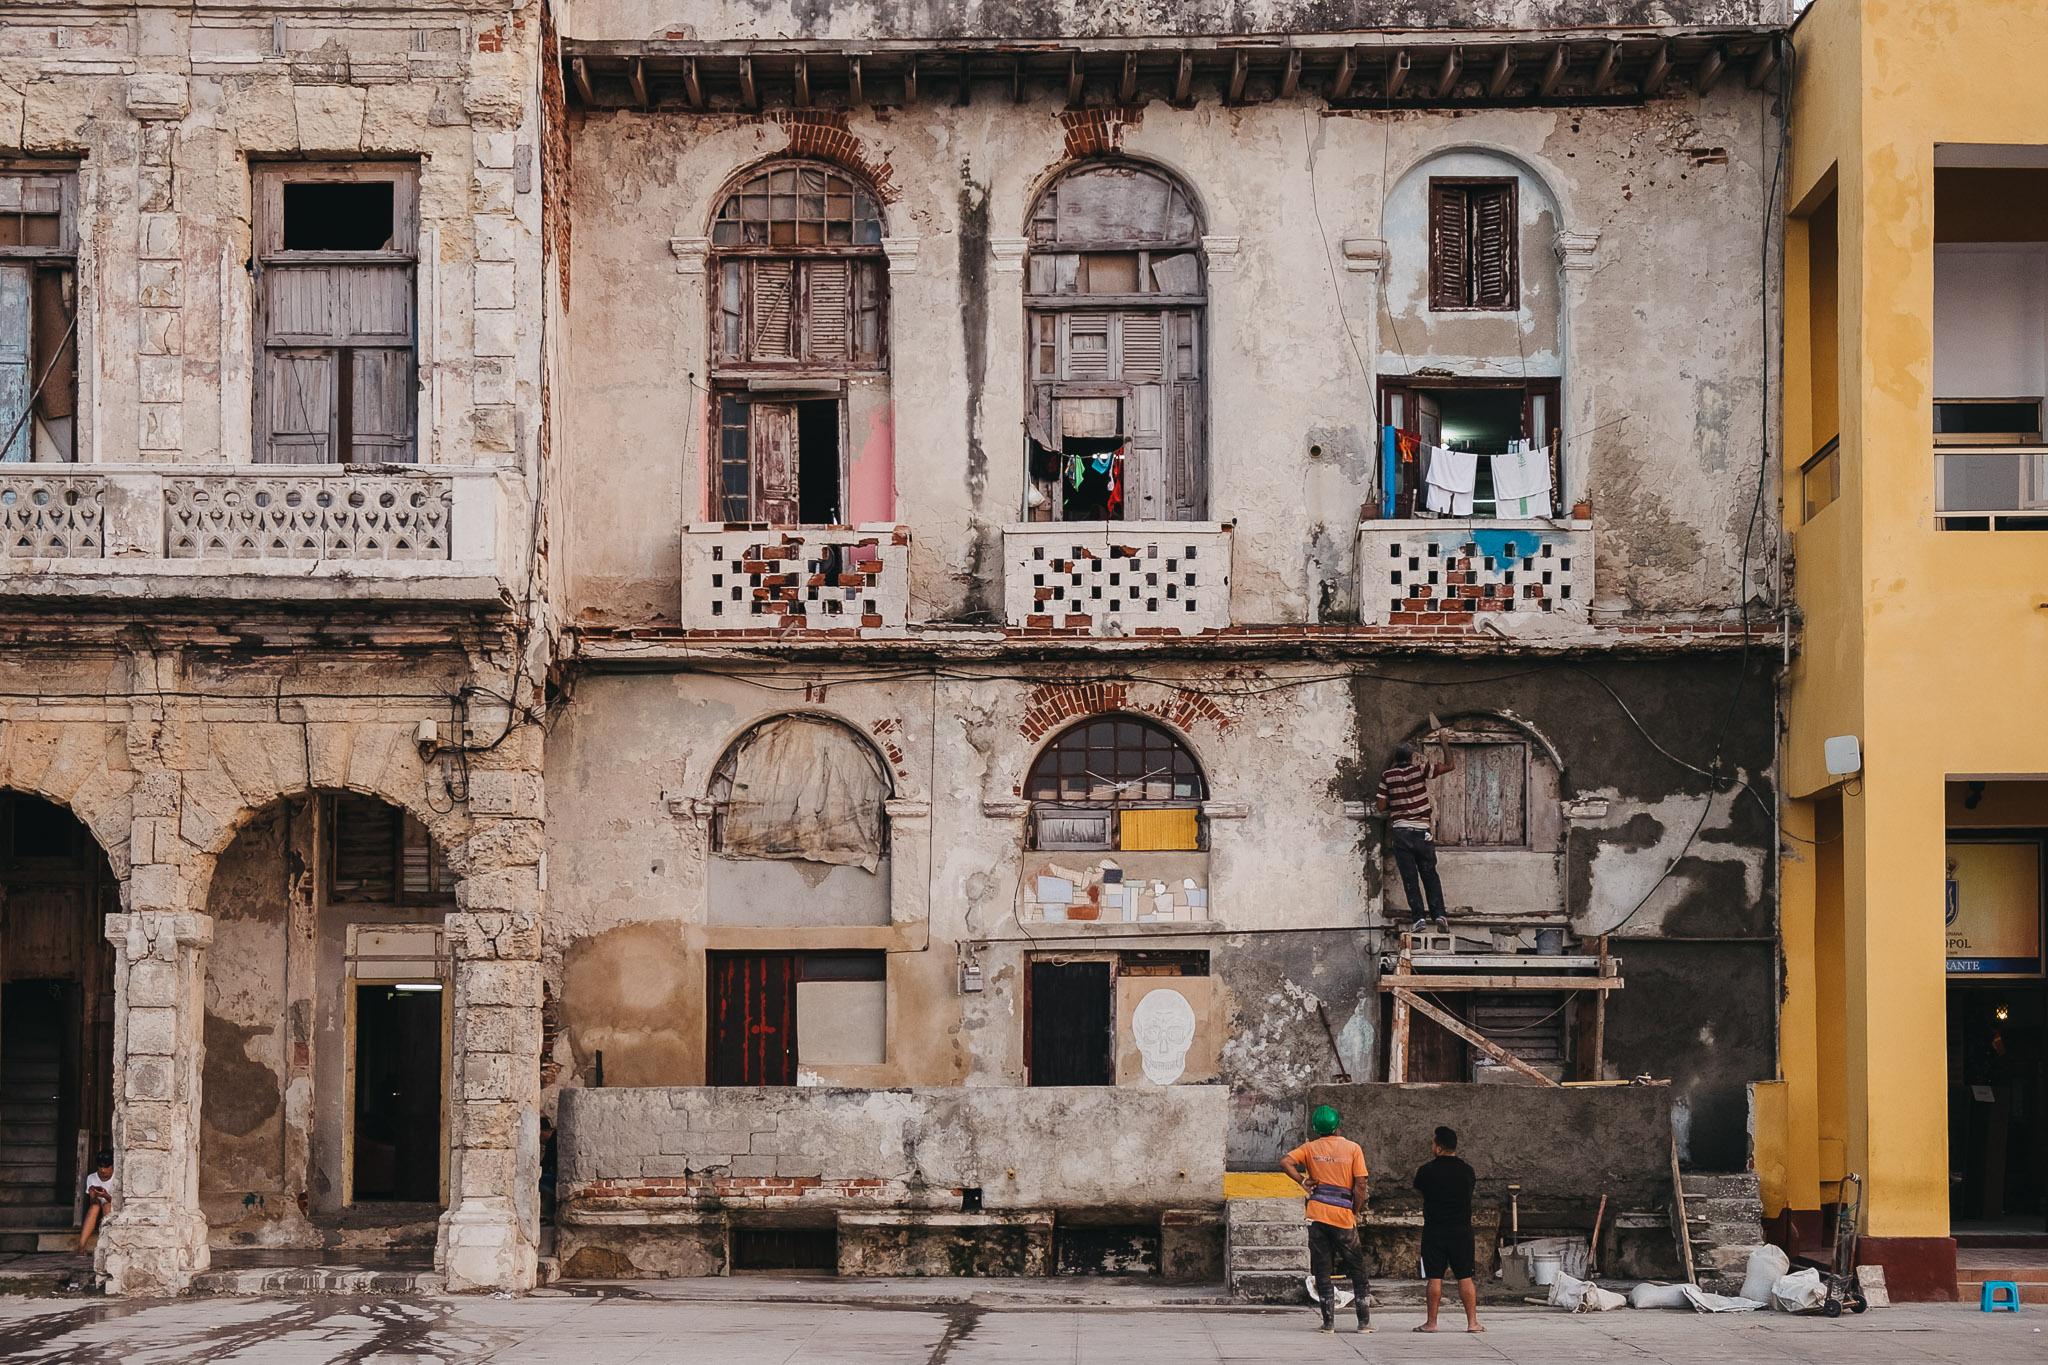 Cuba-2017-12-Havana-1244.jpg